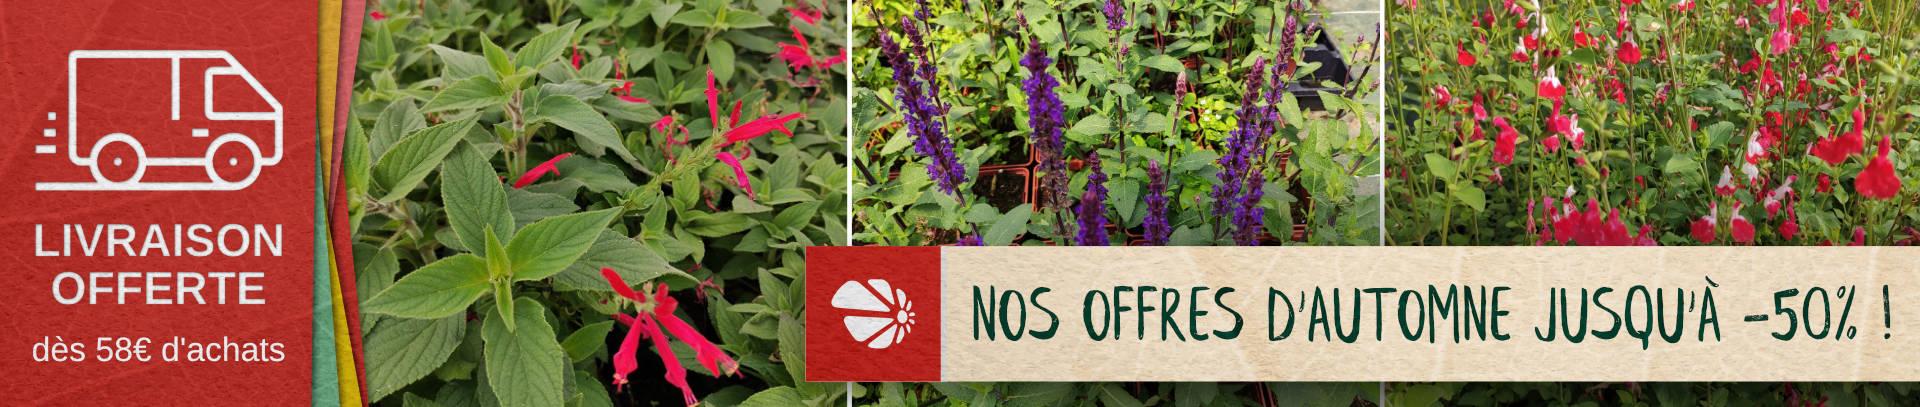 plantes pas chères, jusqu'à -50%